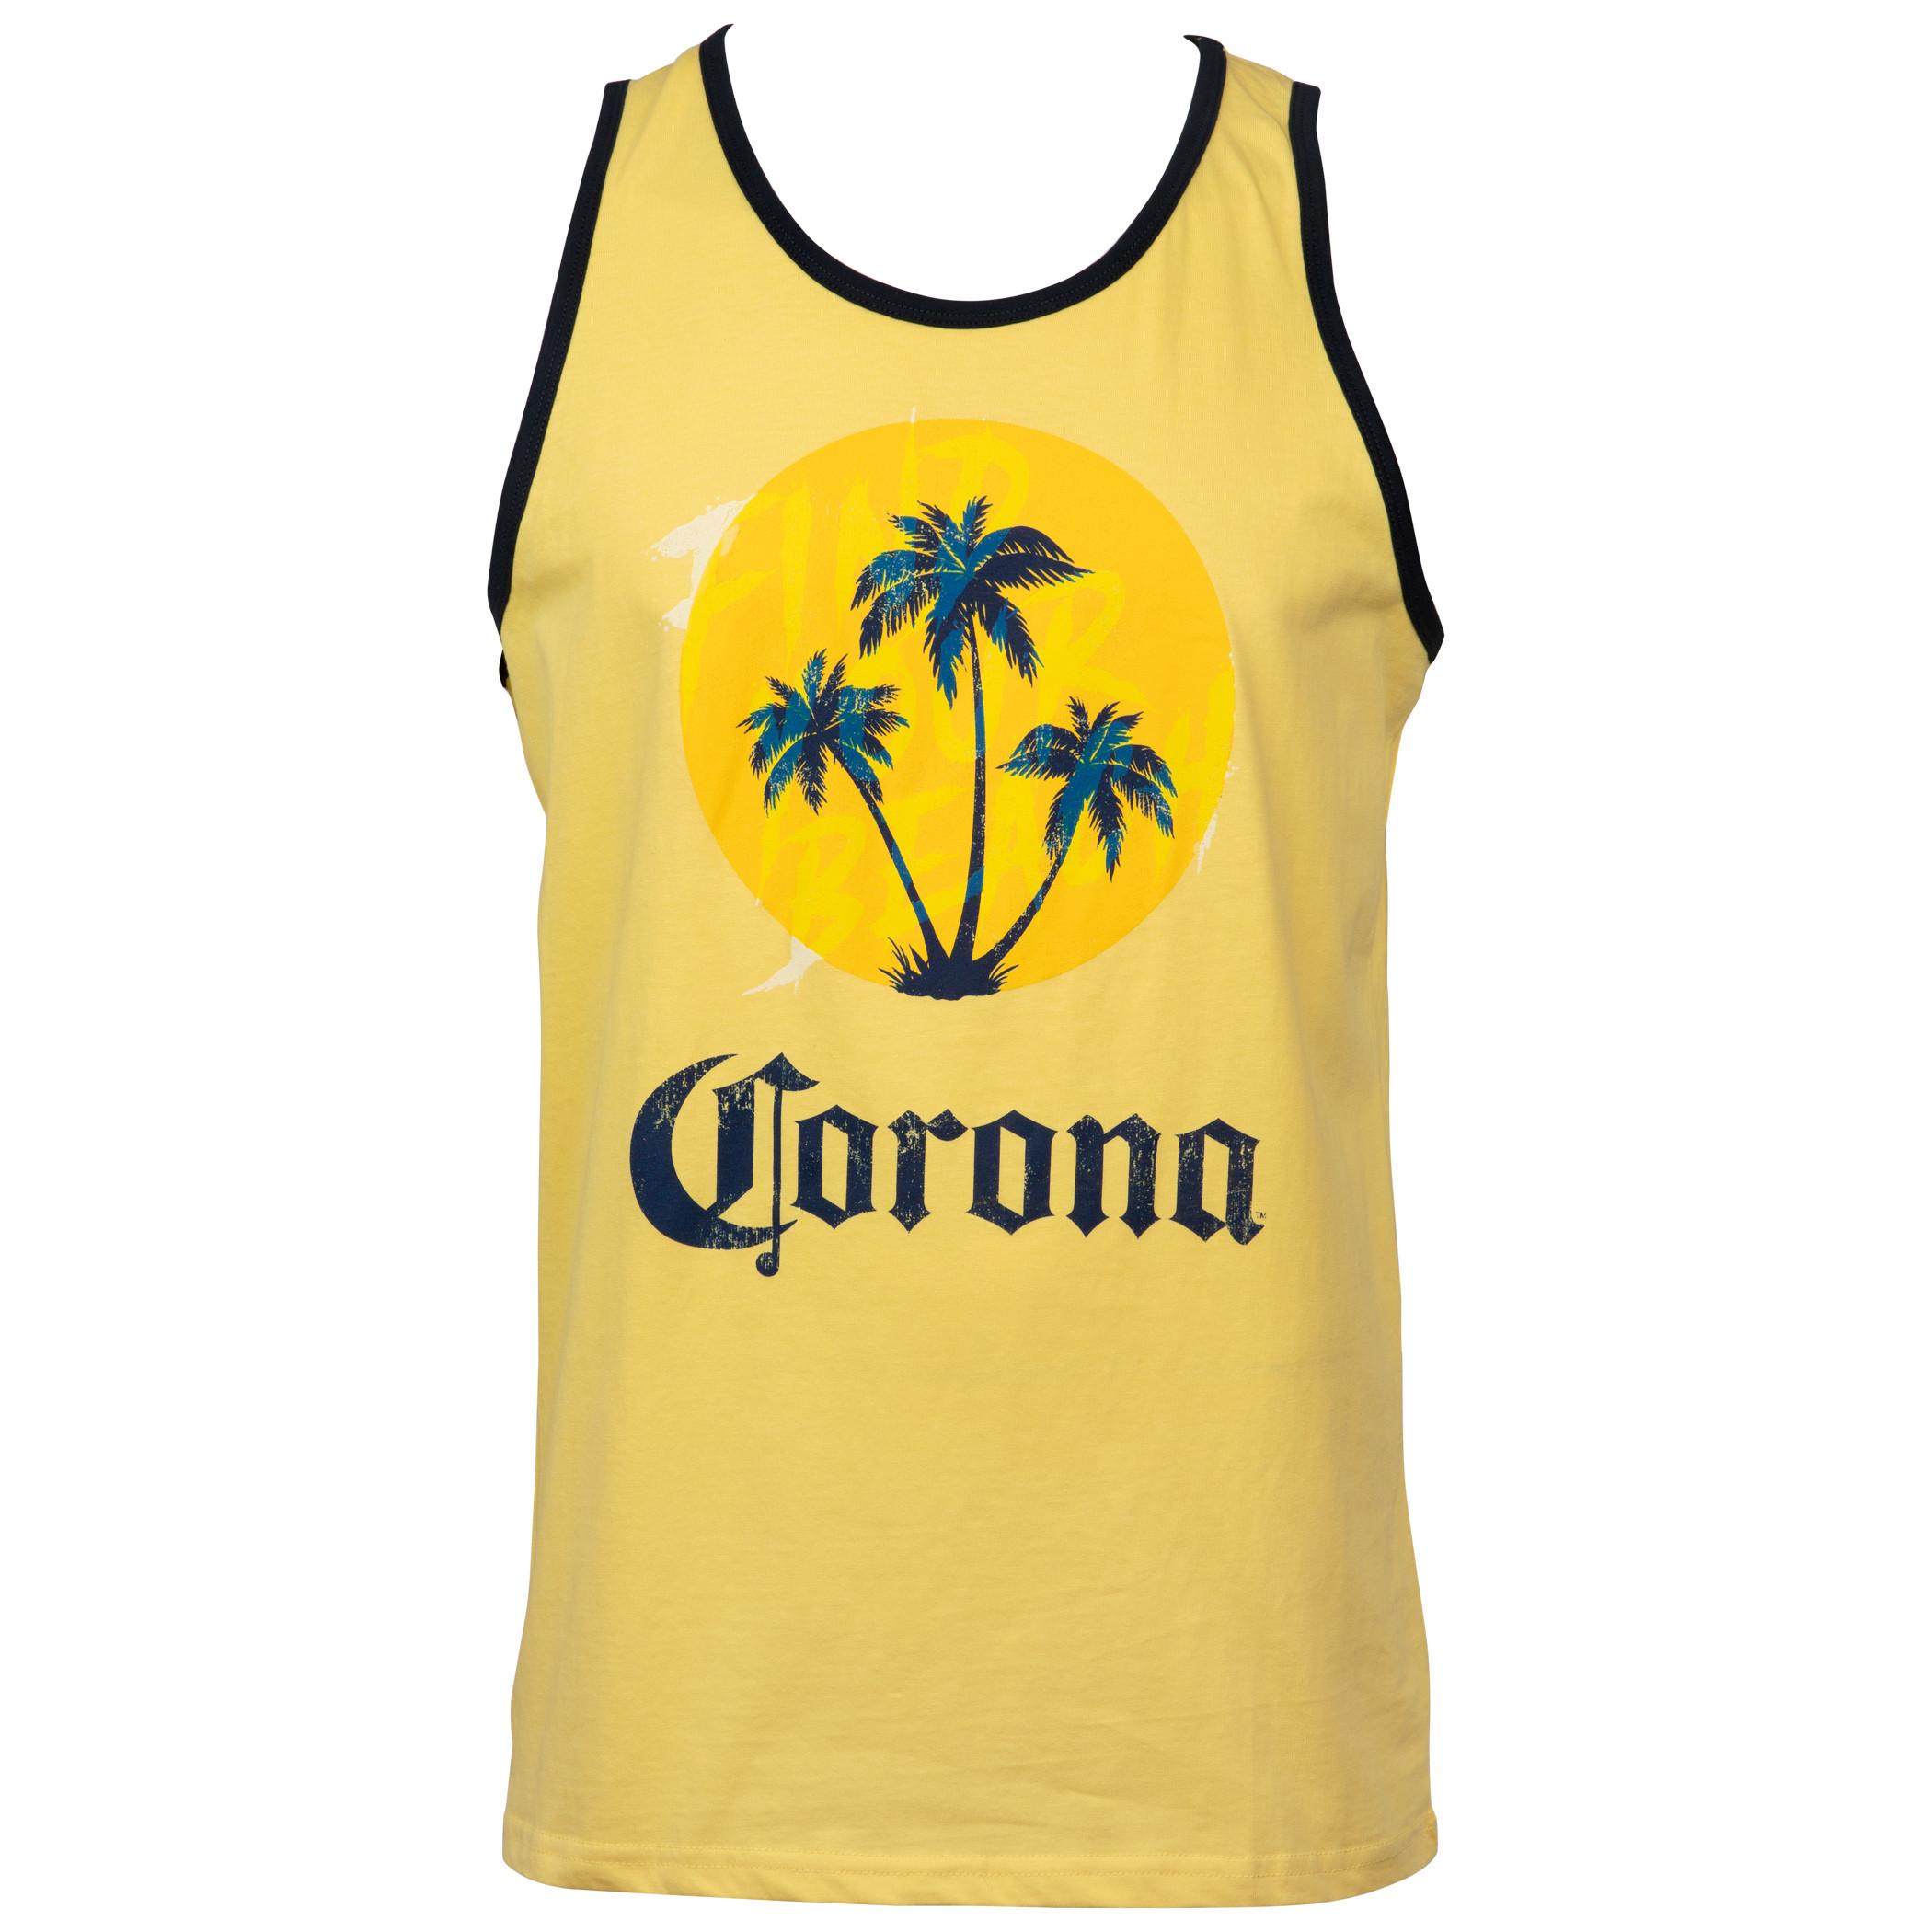 Corona Extra Palm Trees Symbol Tank Top